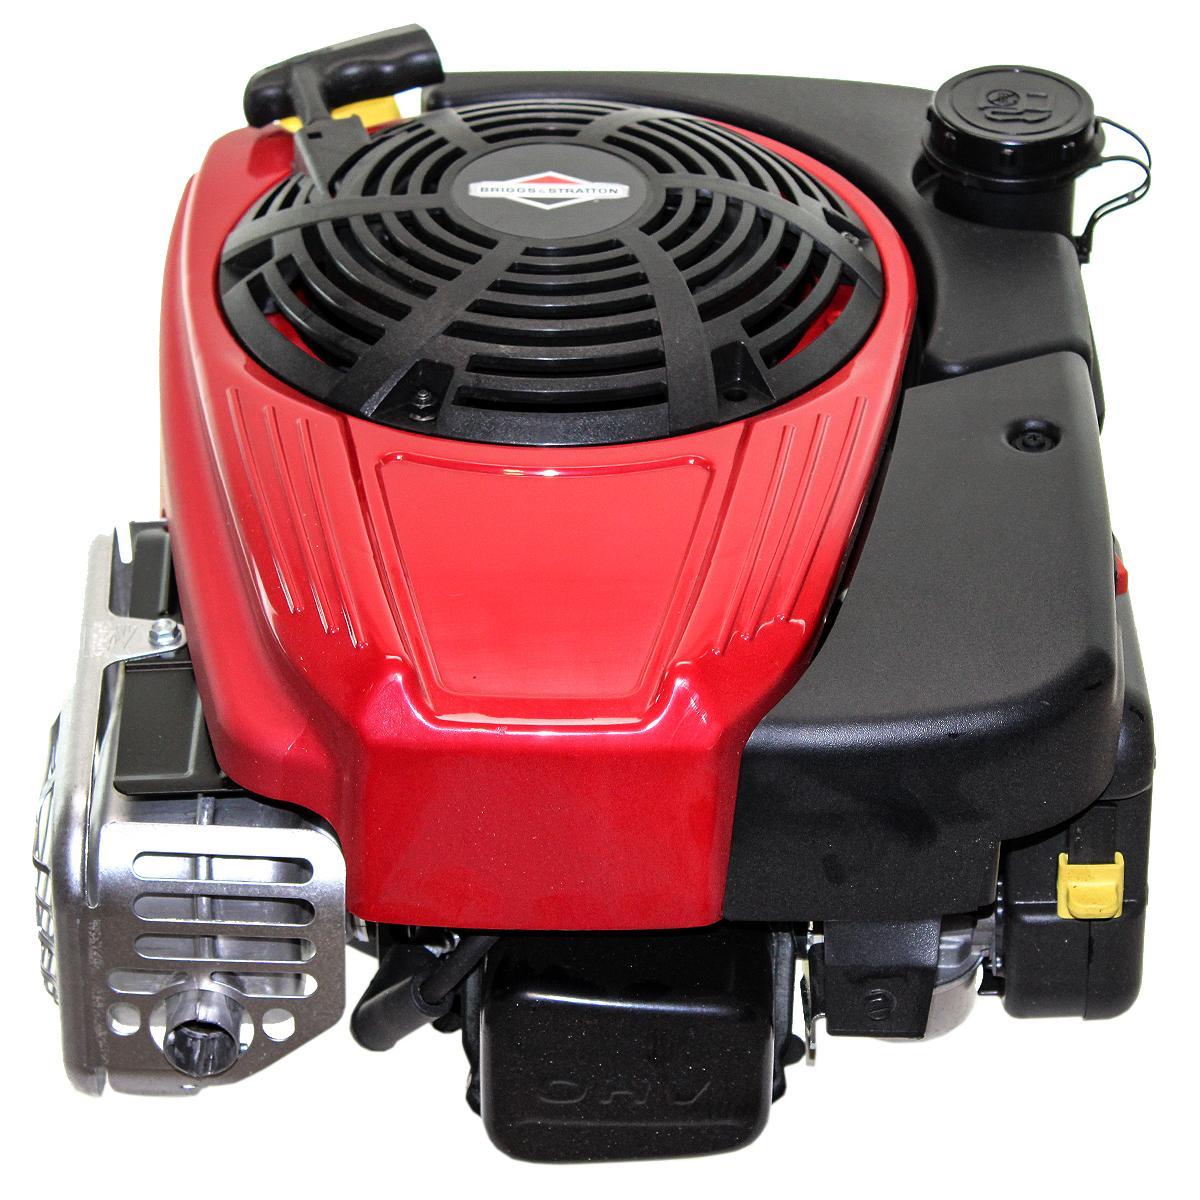 Search Results Briggs Stratton Engine Model 128802 121r02 0003